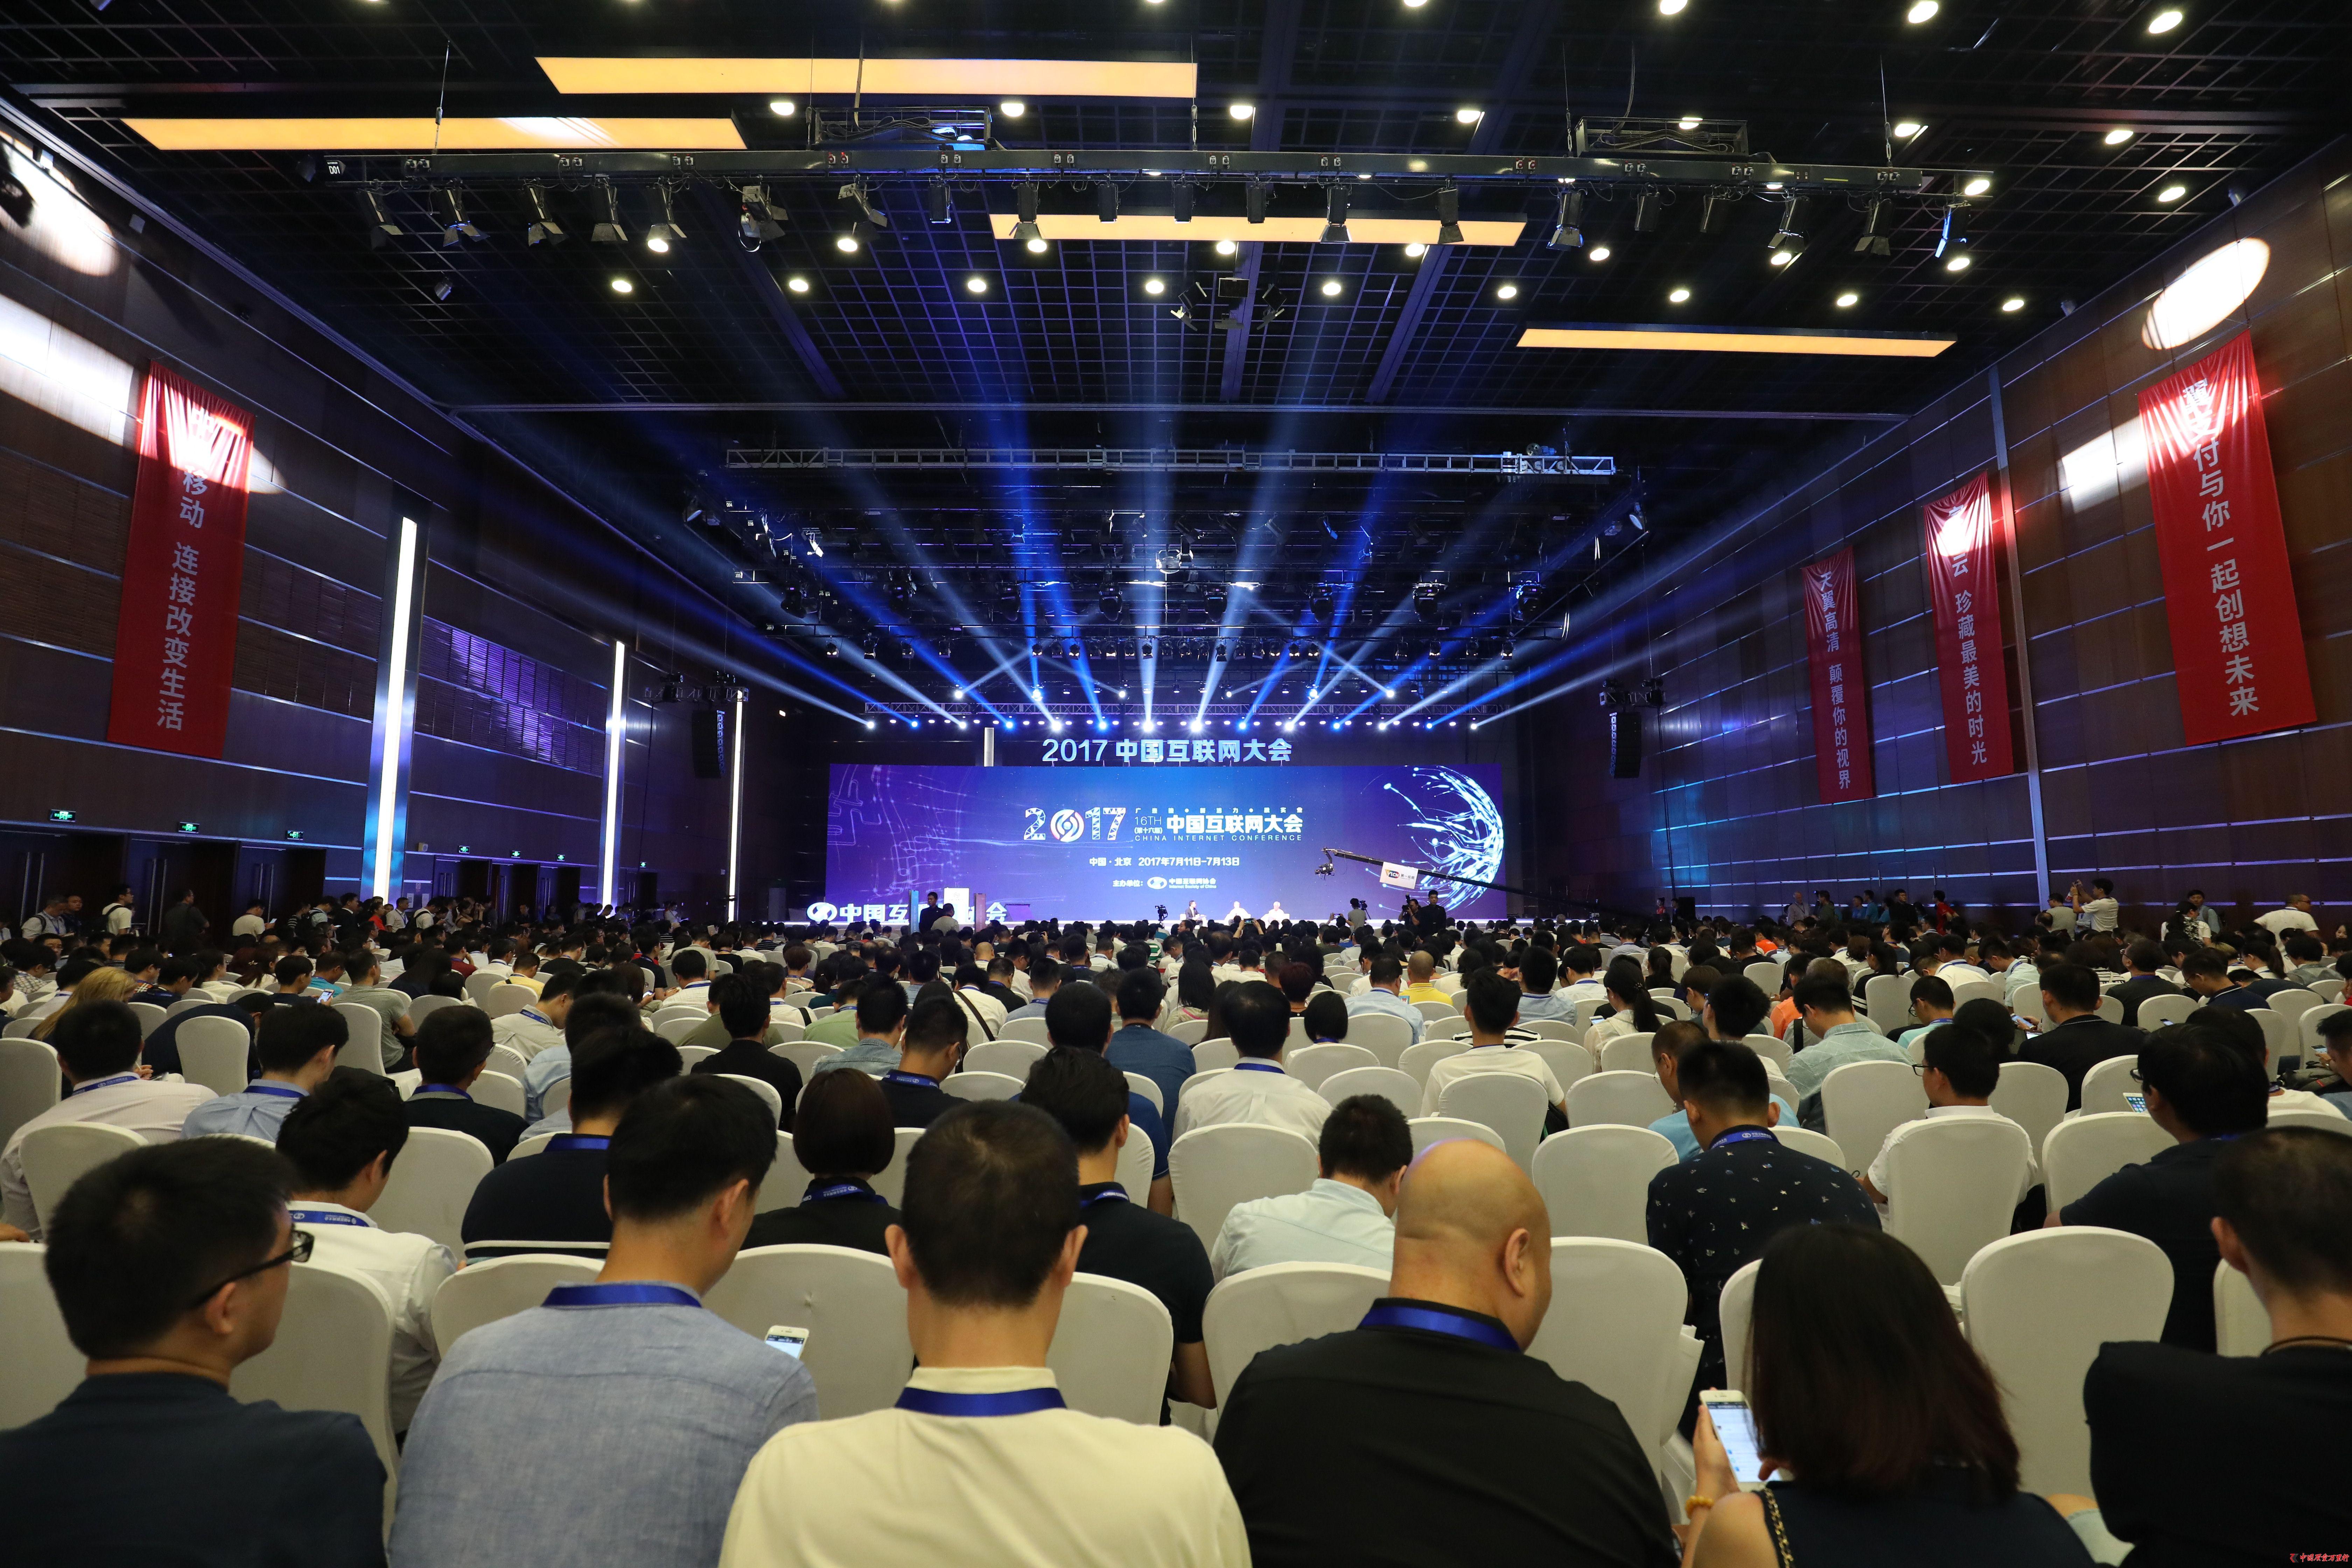 互联网大会上分享了哪些人工智能的干货